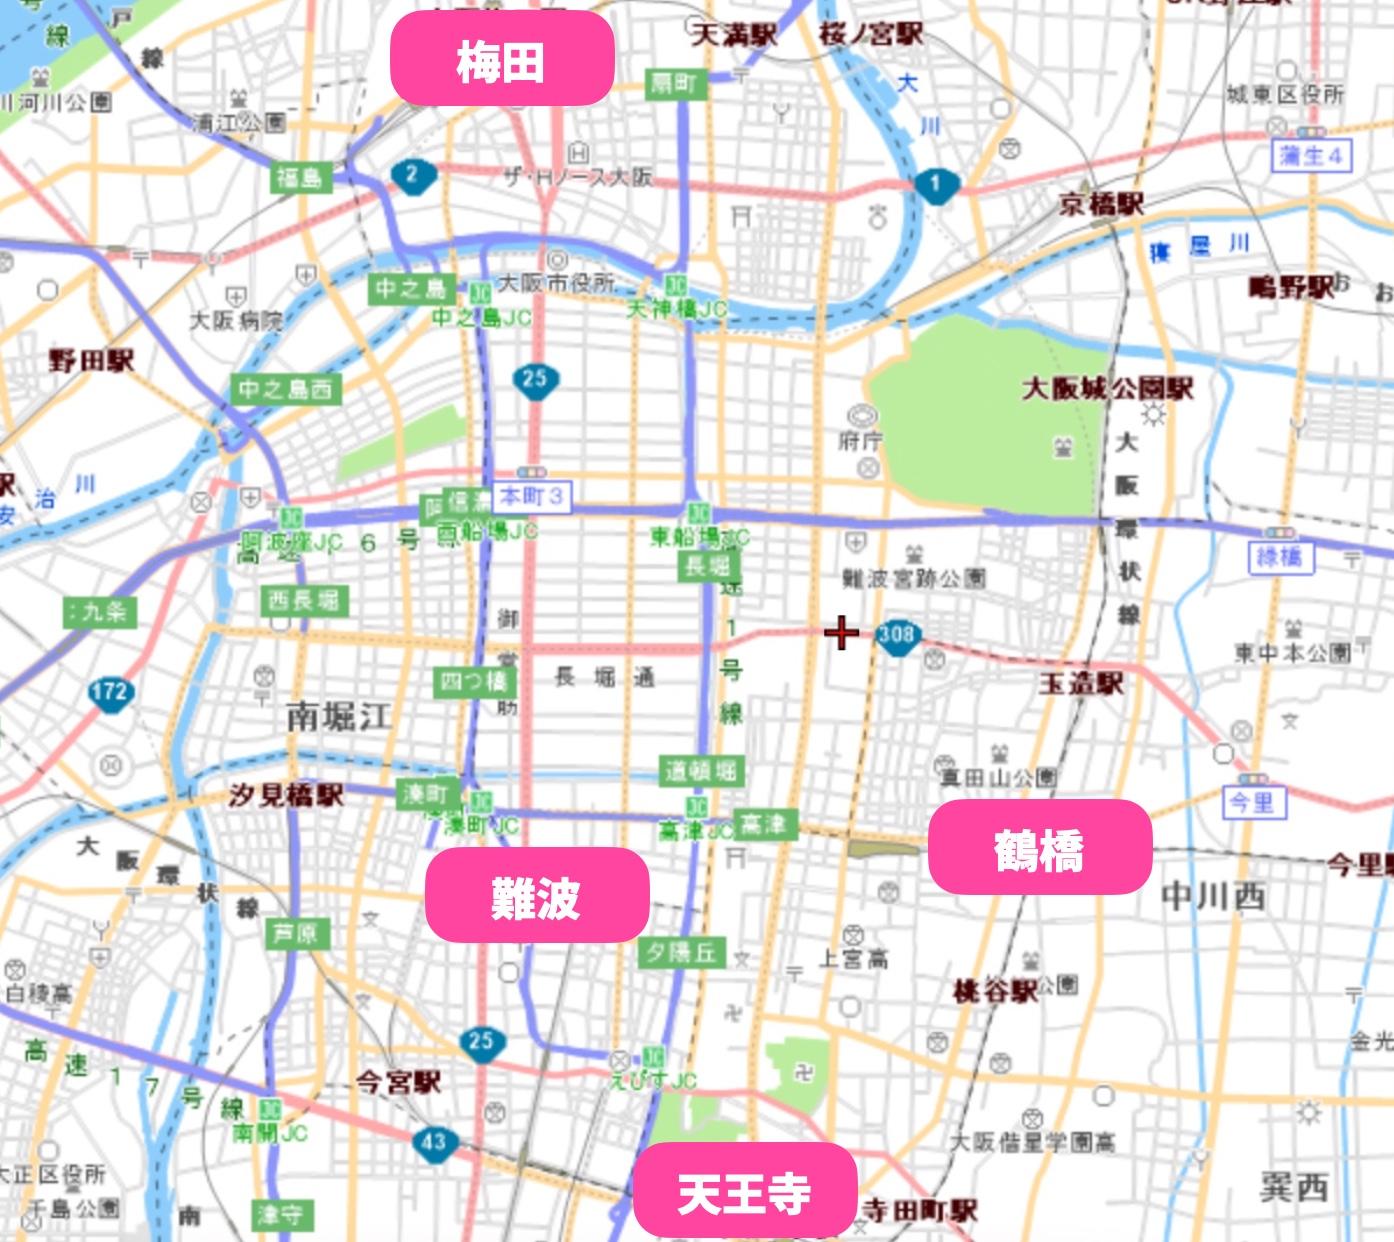 大阪で人気の占いスポット